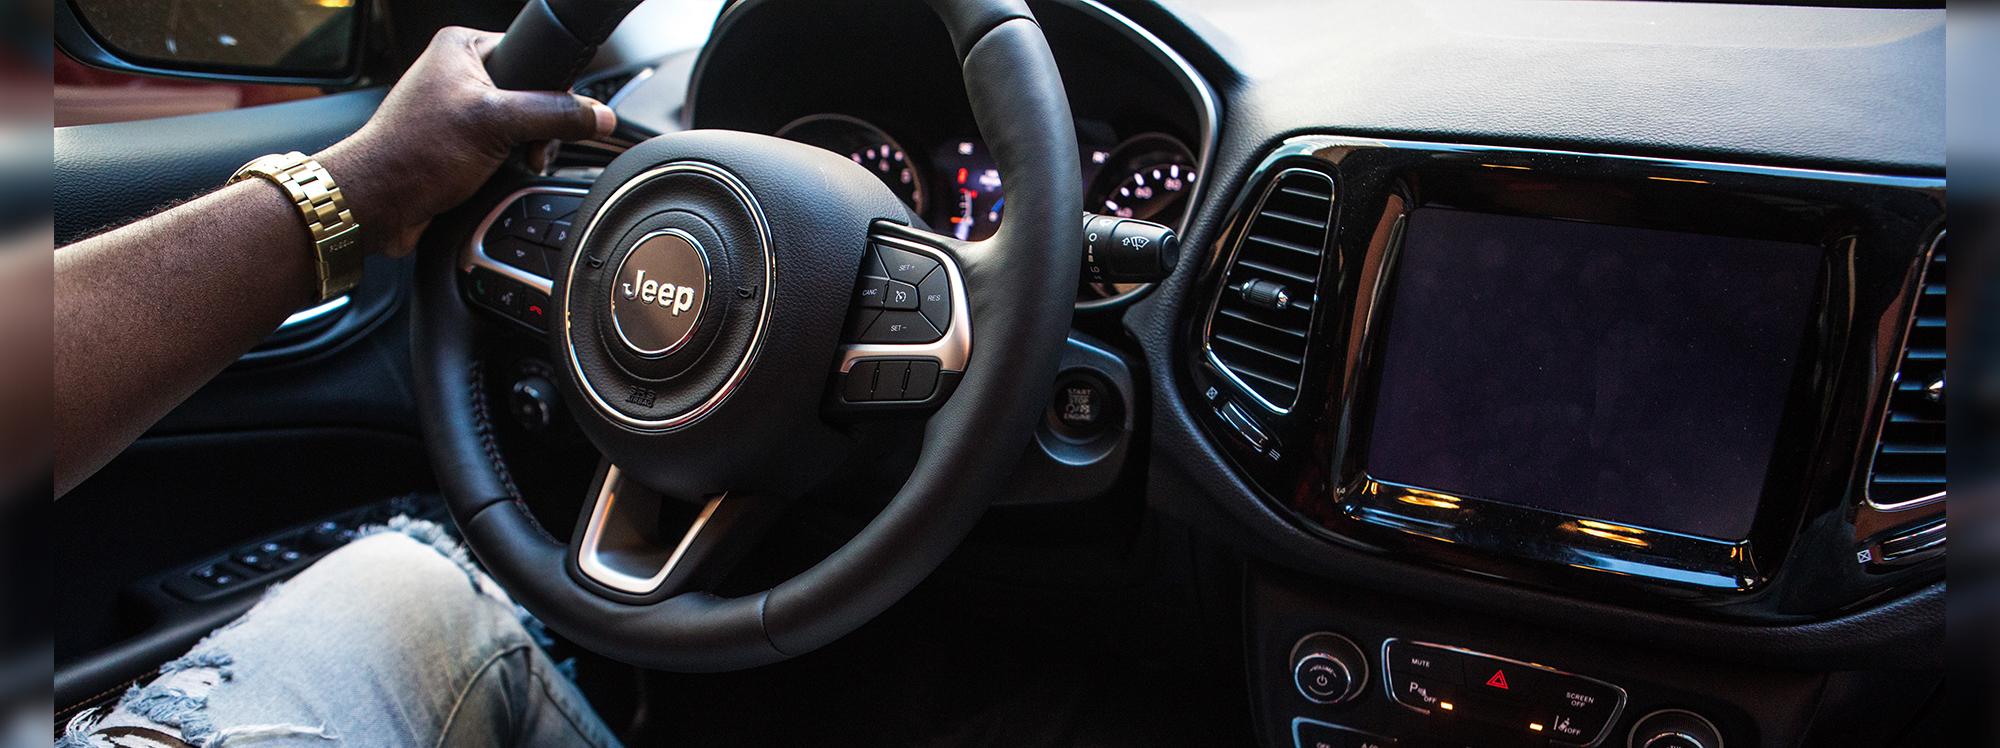 Cabinas del futuro: la experiencia a bordo de un auto no será jamás la misma